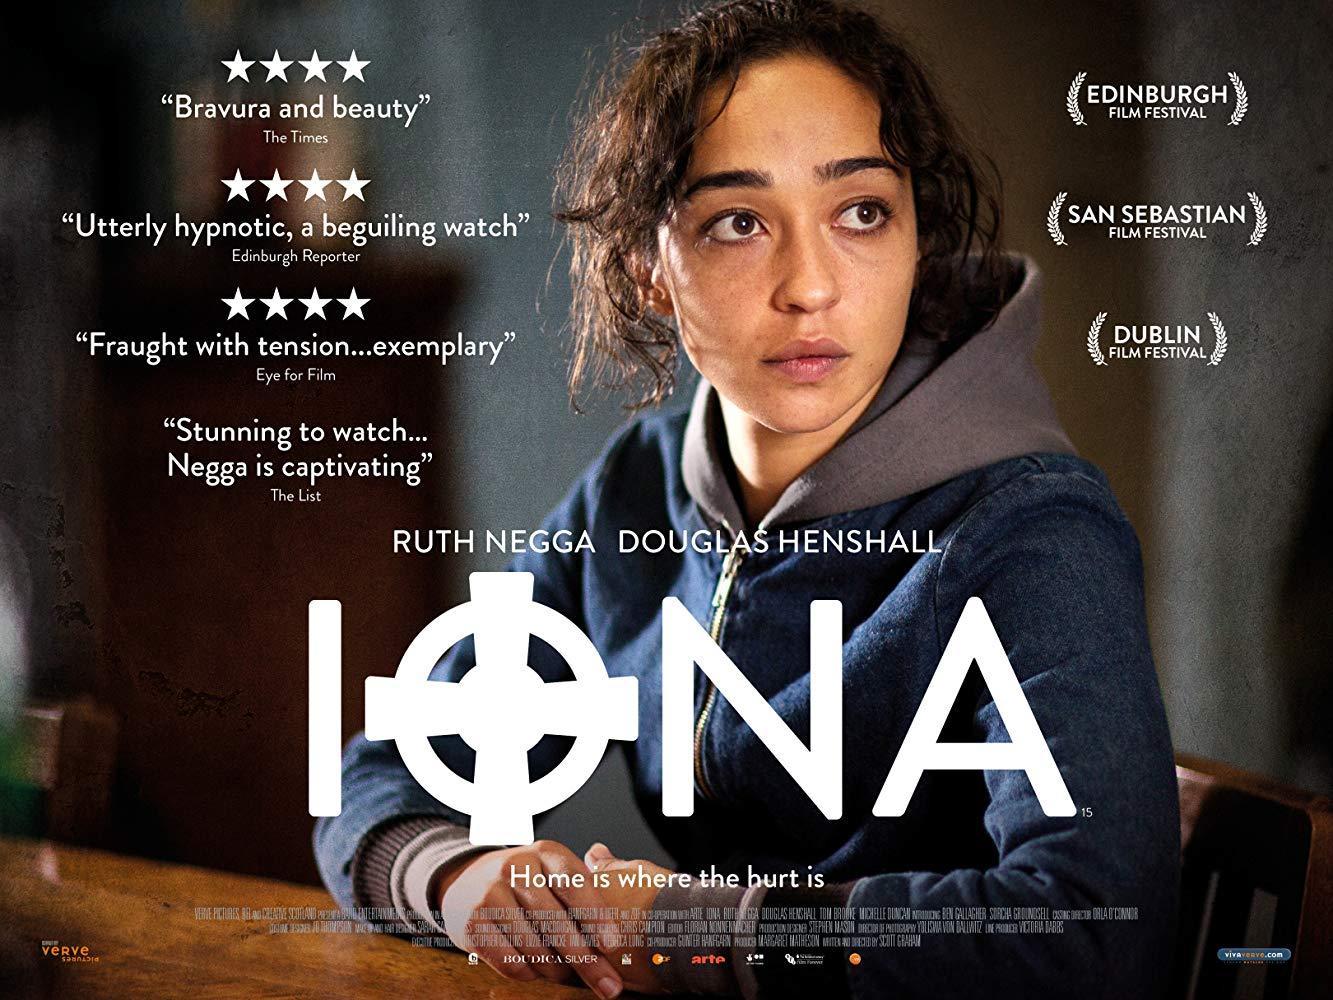 فيلم Iona 2015 مترجم